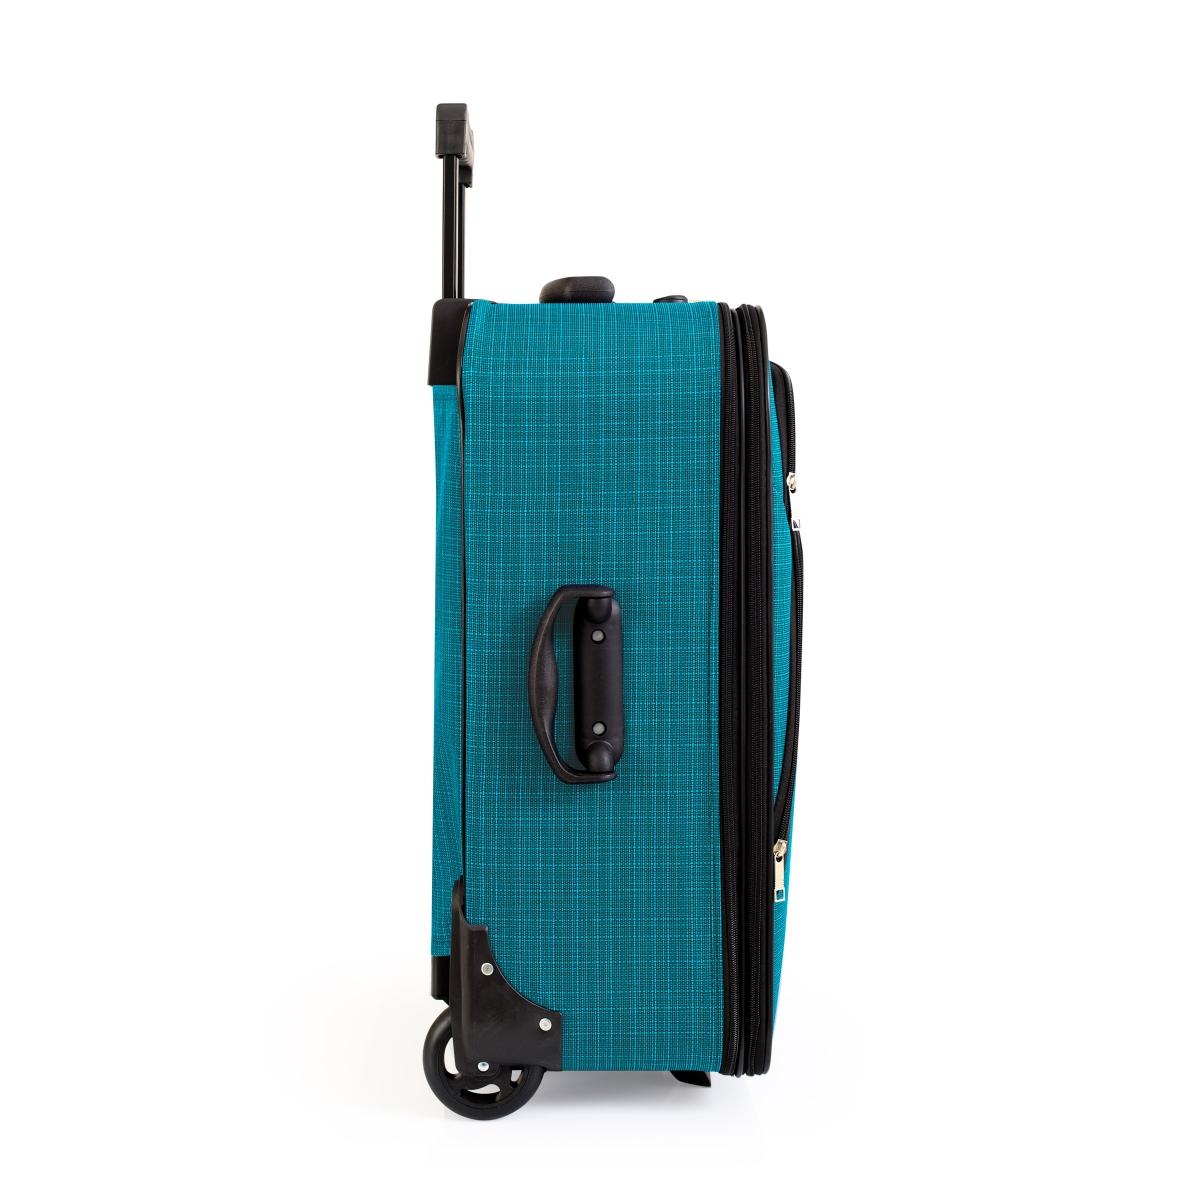 Gedox 2 Teker Geniş Kasa Havlu Kumaş 3'lü Valiz Seyahat Seti - Model: 1005.16 Turkuaz